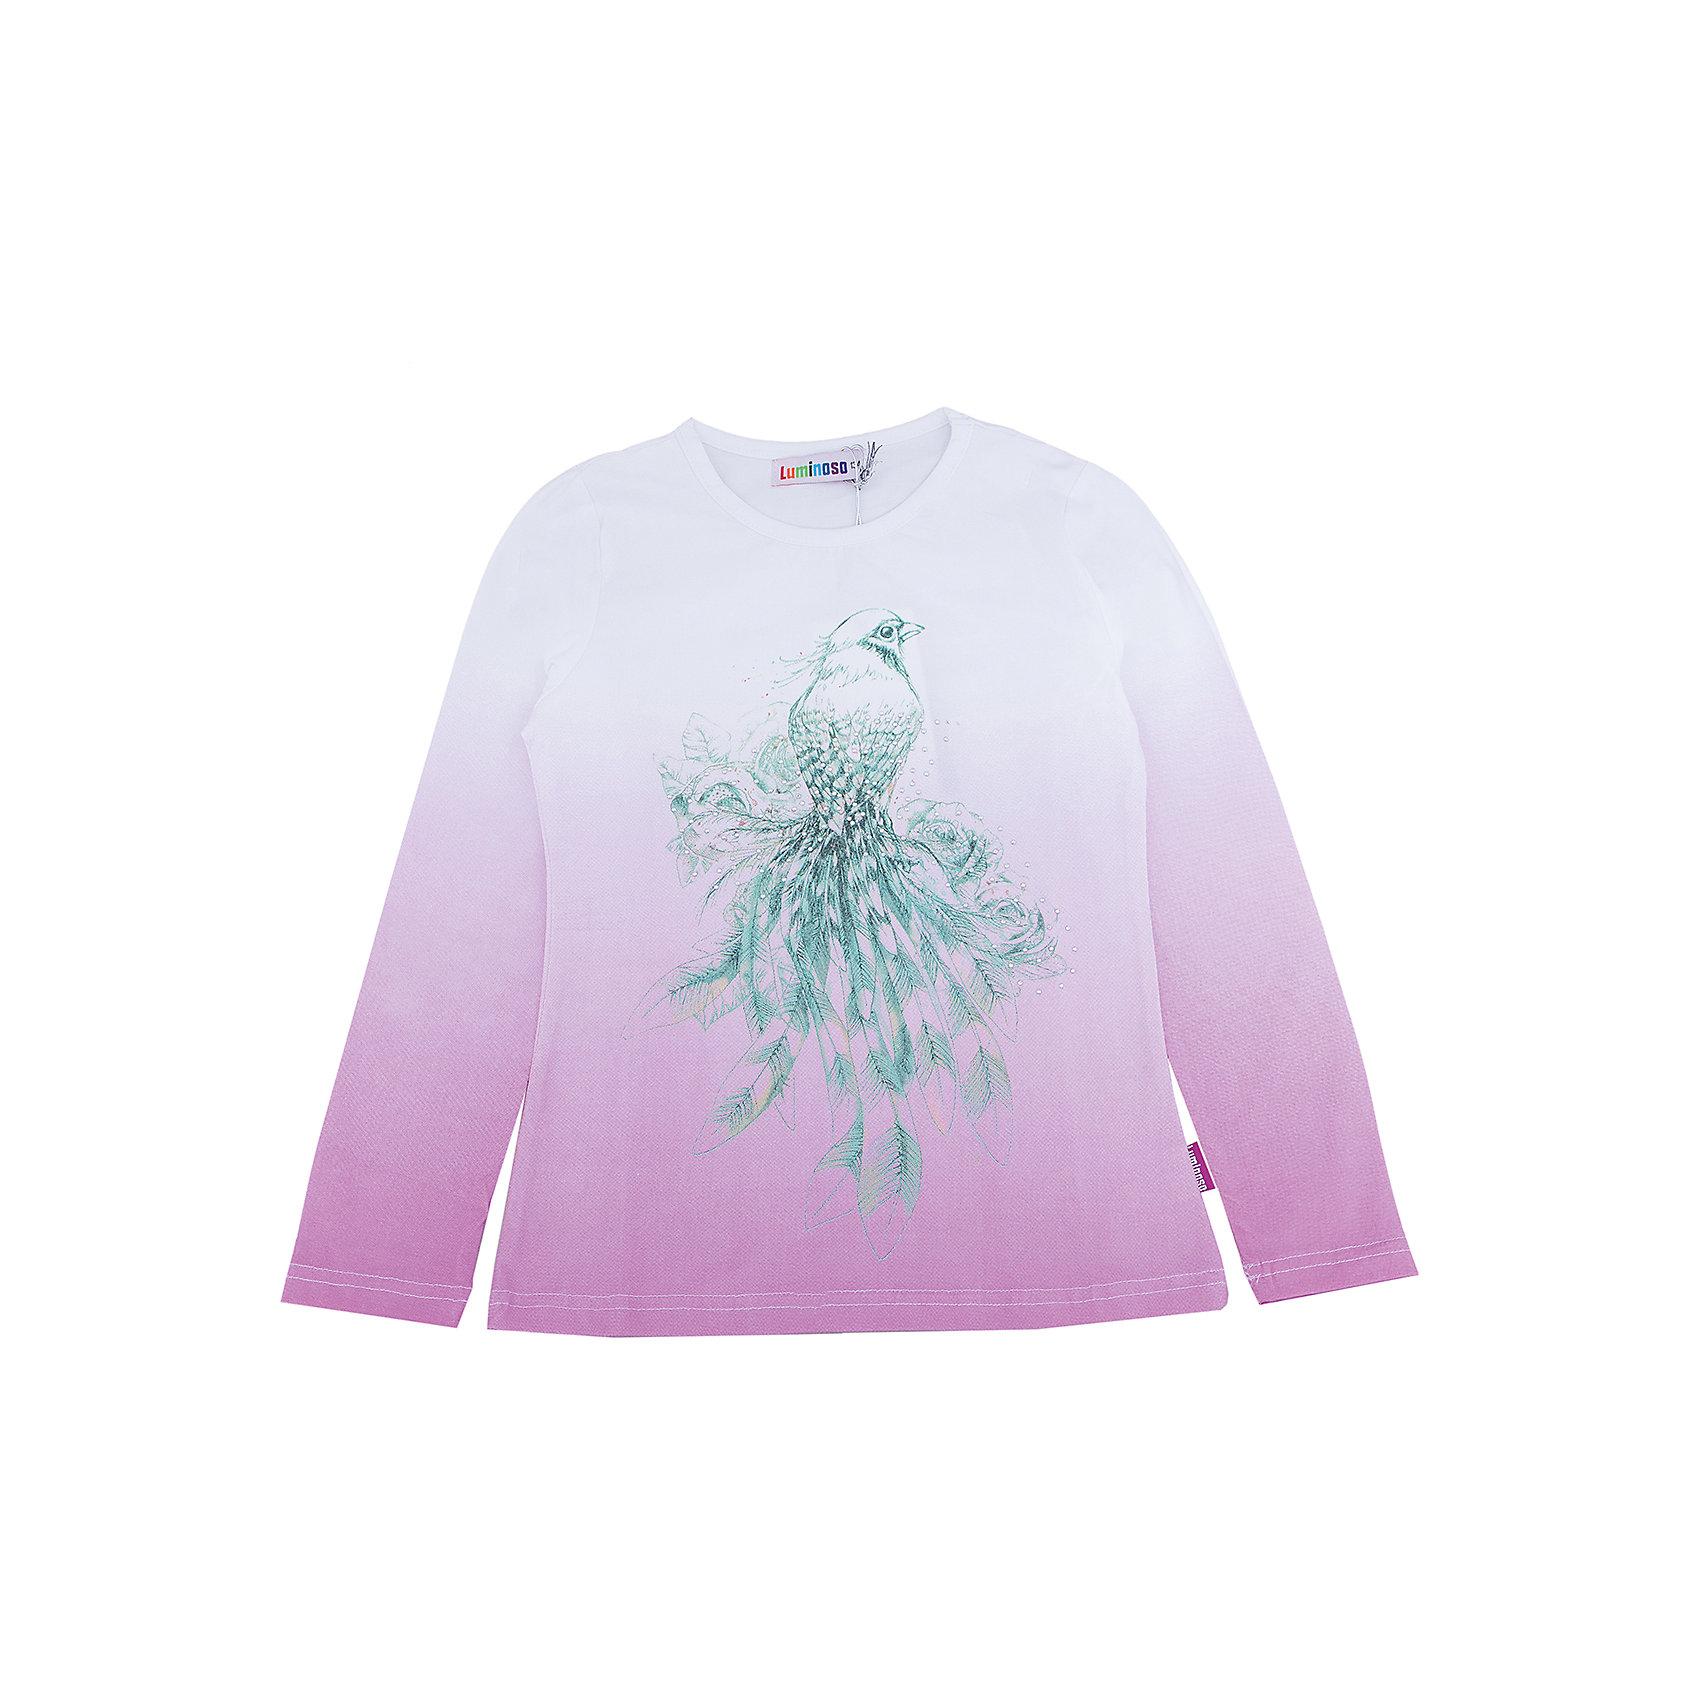 Футболка с длинным рукавом для девочки LuminosoФутболки с длинным рукавом<br>Характеристики товара:<br><br>- цвет: фиолетовый;<br>- материал: 95% хлопок, 5% эластан;<br>- декорирована принтом;<br>- длинный рукав;<br>- округлый горловой вырез.<br><br>Стильная одежда от бренда Luminoso (Люминосо), созданная при участии итальянских дизайнеров, учитывает потребности подростков и последние веяния моды. Она удобная и модная.<br>Эта футболка с длинным рукавом выглядит стильно и нарядно, но при этом подходит для ежедневного ношения. Он хорошо сидит на ребенке, обеспечивает комфорт и отлично сочетается с одежной разных стилей. Модель отличается высоким качеством материала и продуманным дизайном. Натуральный хлопок в составе изделия делает его дышащим, приятным на ощупь и гипоаллергеным.<br><br>Футболку с длинным рукавом для девочки от бренда Luminoso (Люминосо) можно купить в нашем интернет-магазине.<br><br>Ширина мм: 230<br>Глубина мм: 40<br>Высота мм: 220<br>Вес г: 250<br>Цвет: лиловый<br>Возраст от месяцев: 108<br>Возраст до месяцев: 120<br>Пол: Женский<br>Возраст: Детский<br>Размер: 140,164,134,146,152,158<br>SKU: 4929507